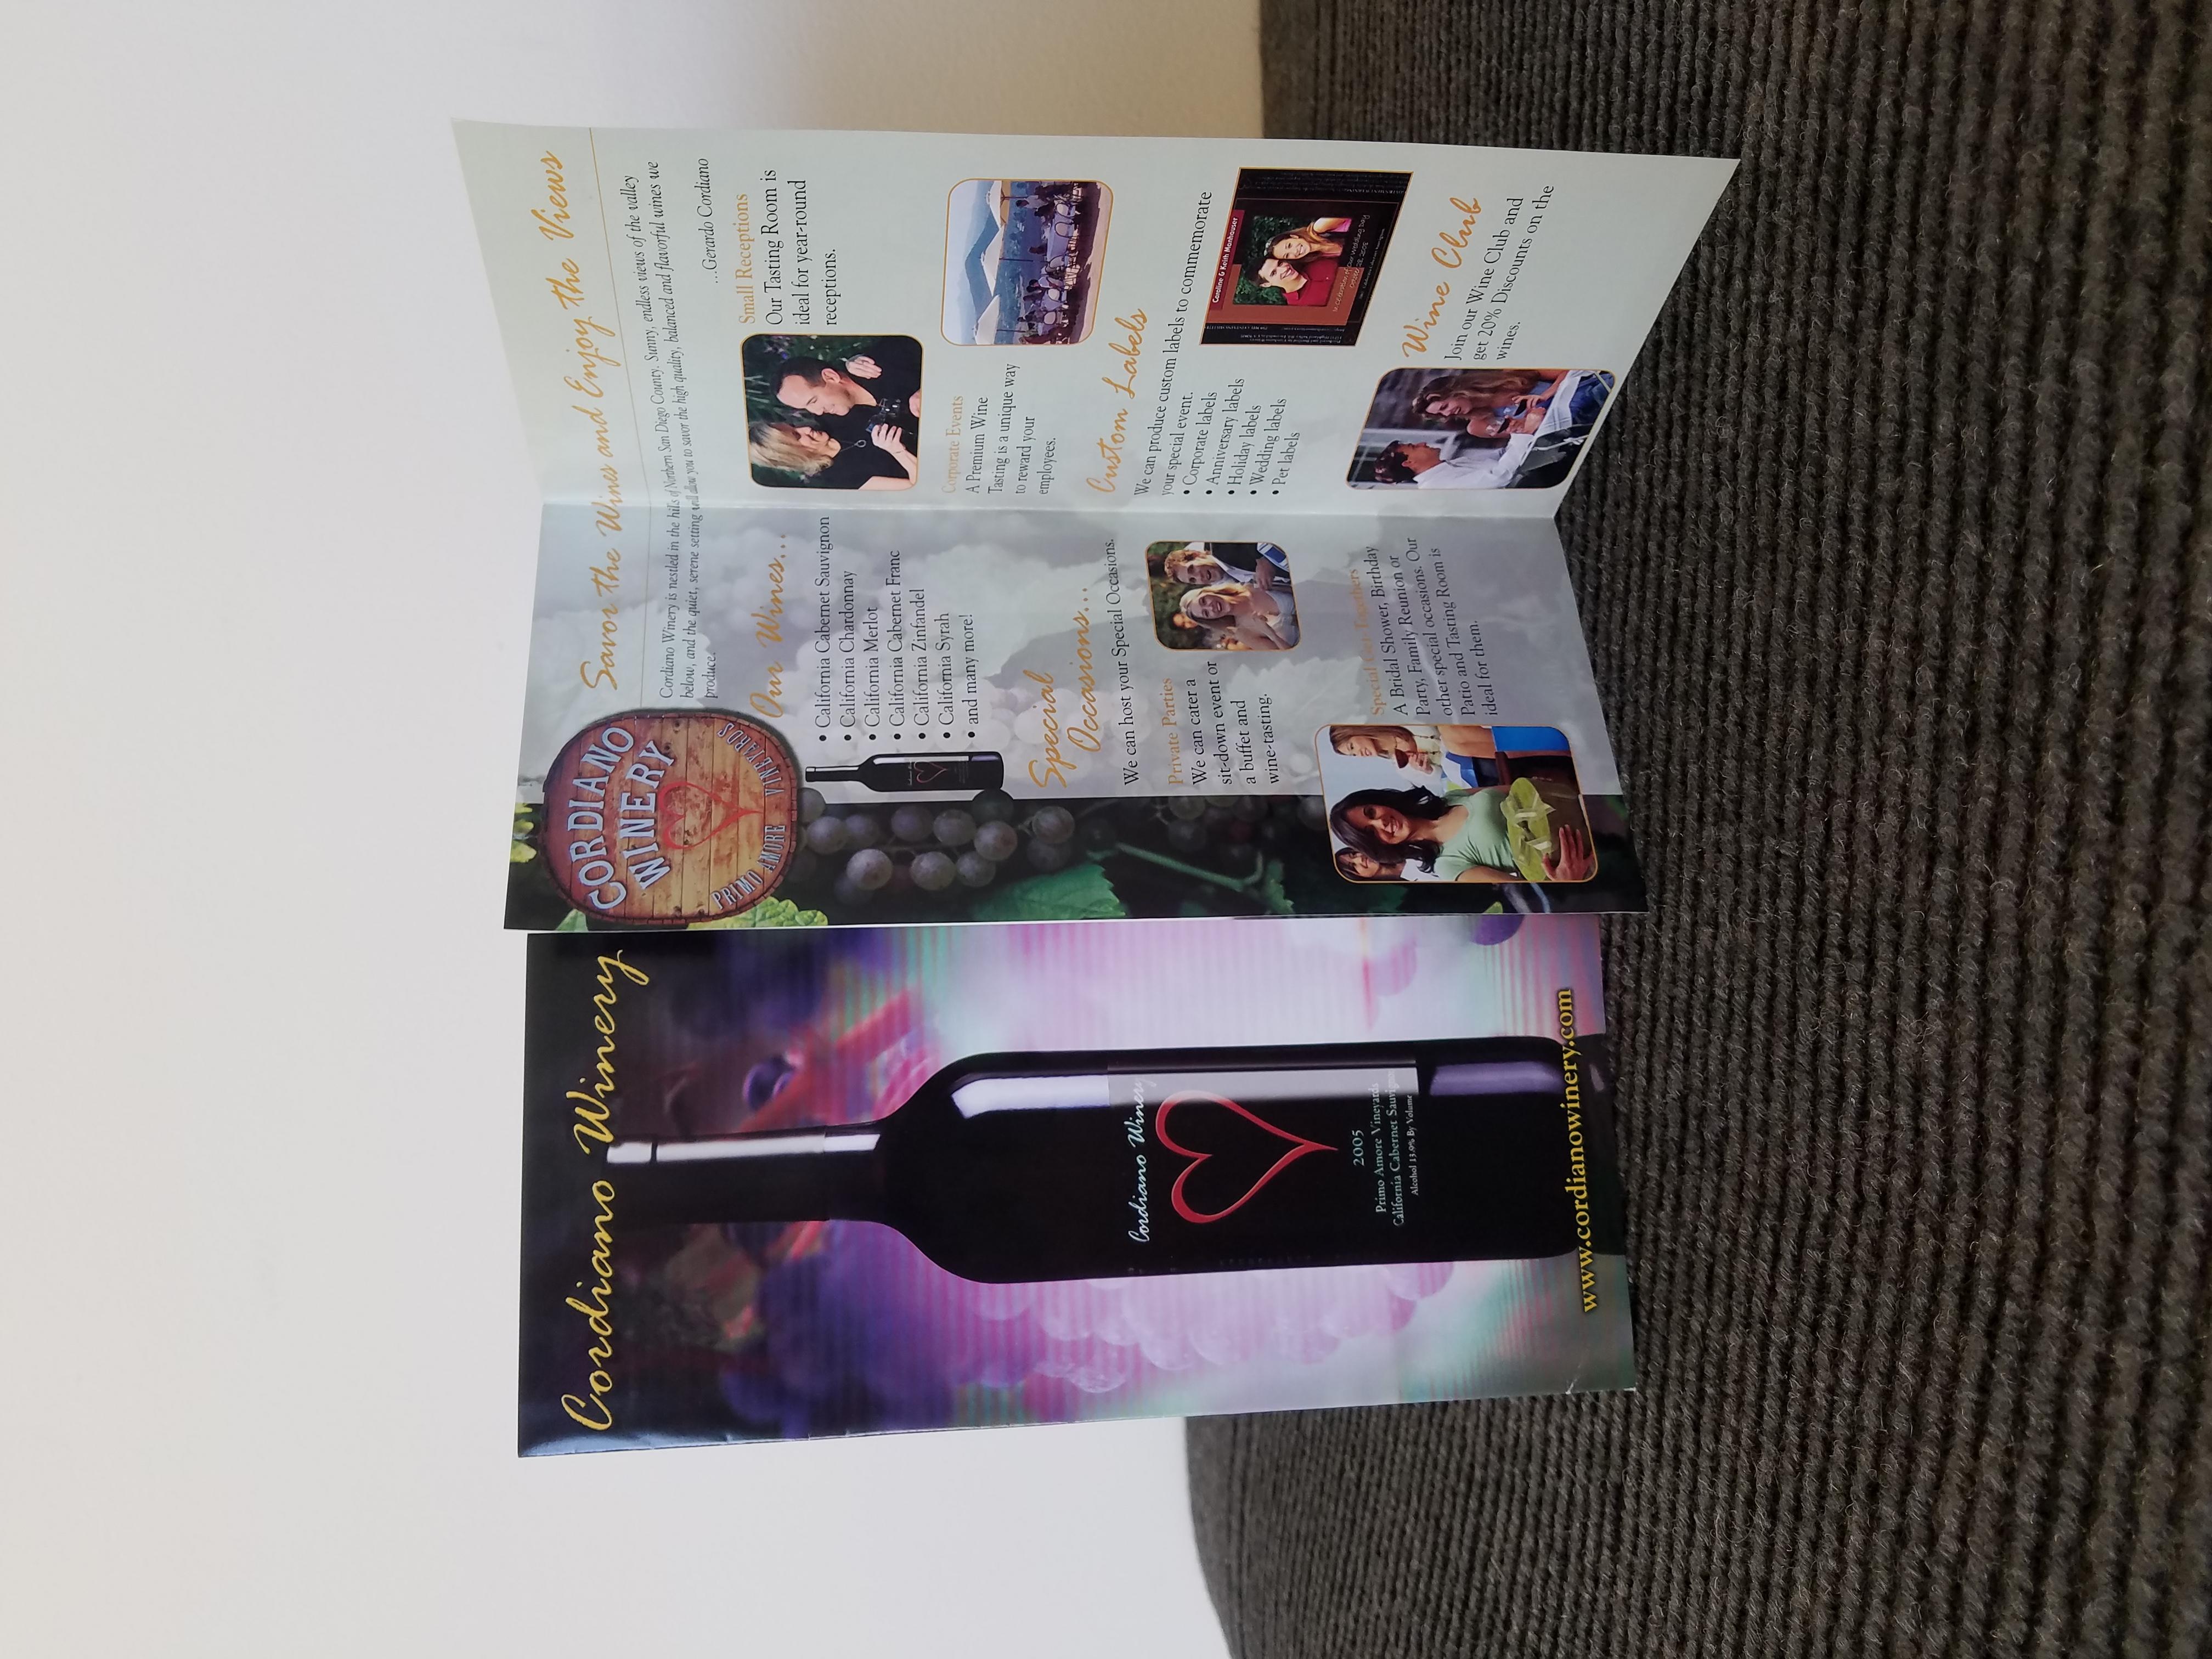 Website Brochure Image (Cordiano Windery)